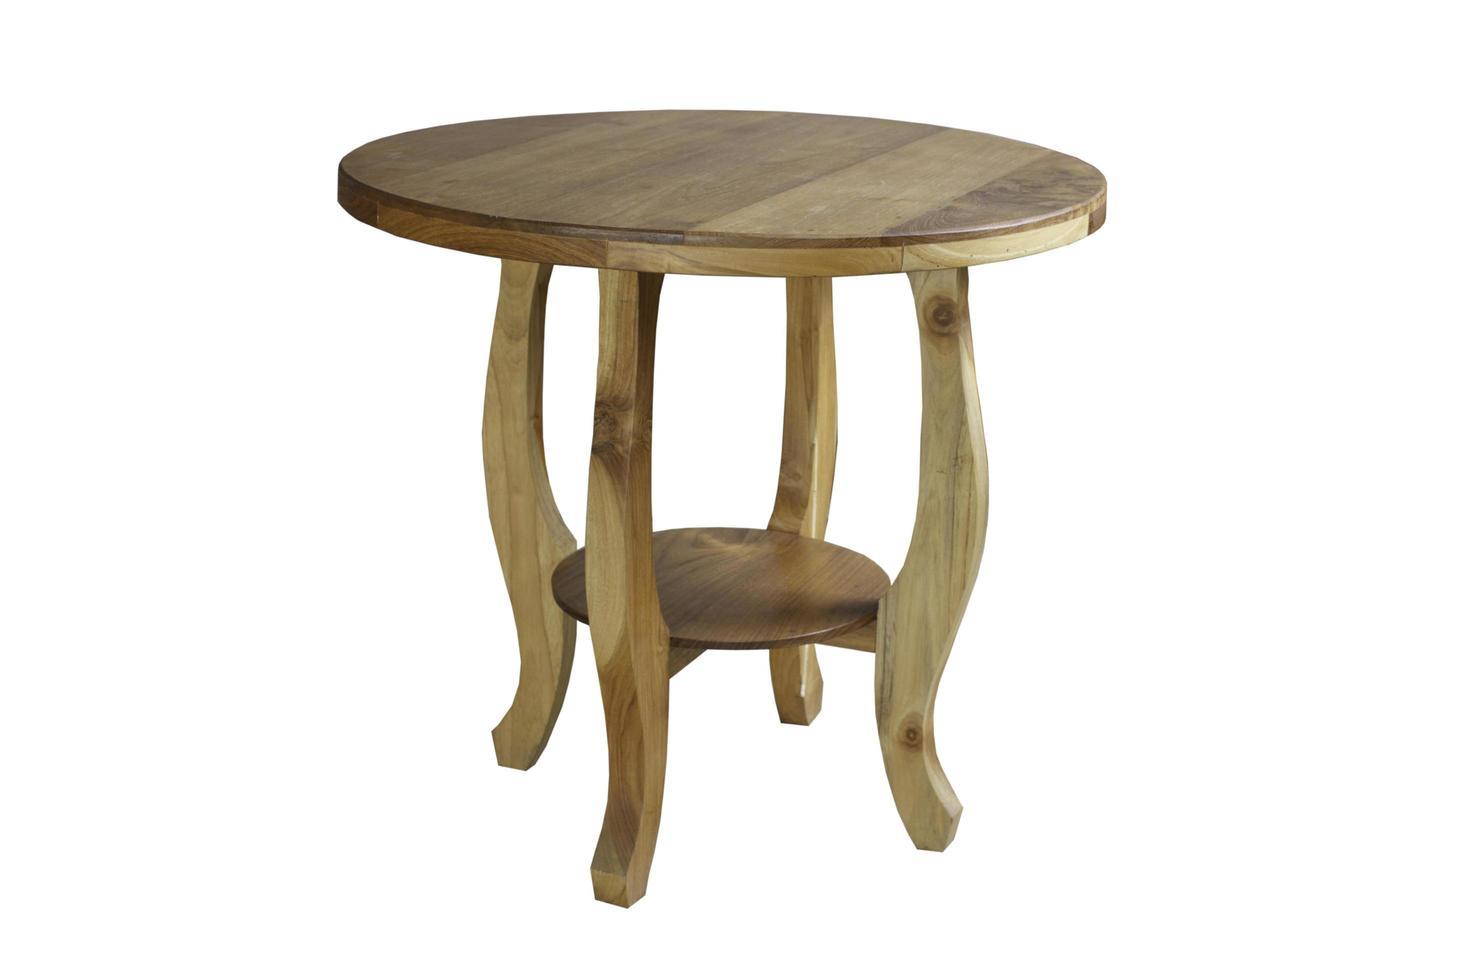 houten tafel op een witte achtergrond foto